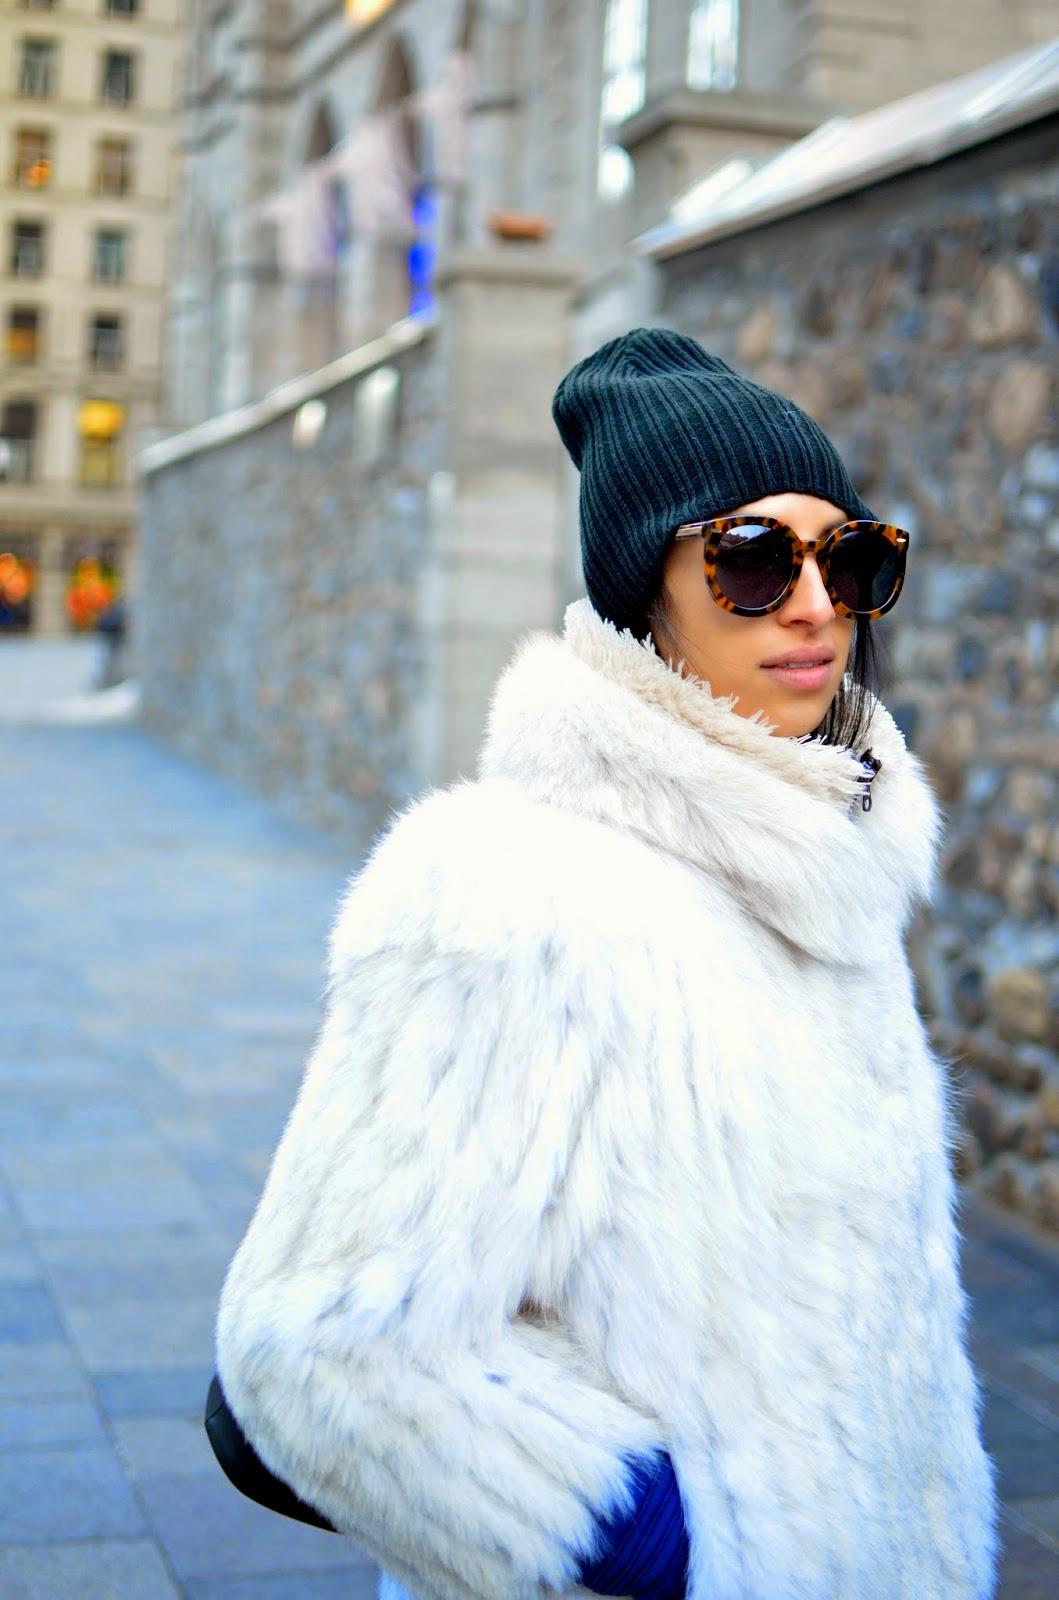 Karen Walker Super sunglasses, winter style, vintage, vintage fur, Montreal, Montreal style